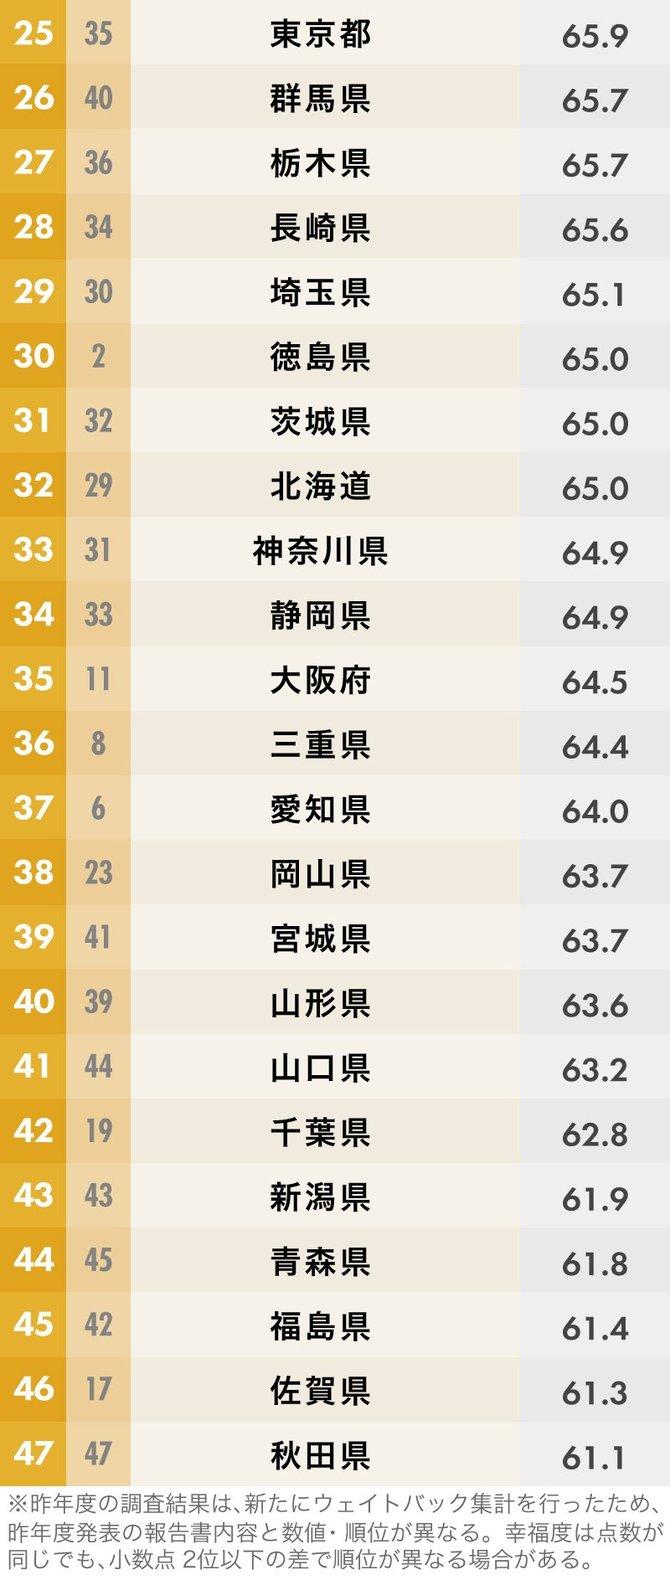 都道府県「幸福度」ランキング25位~47位